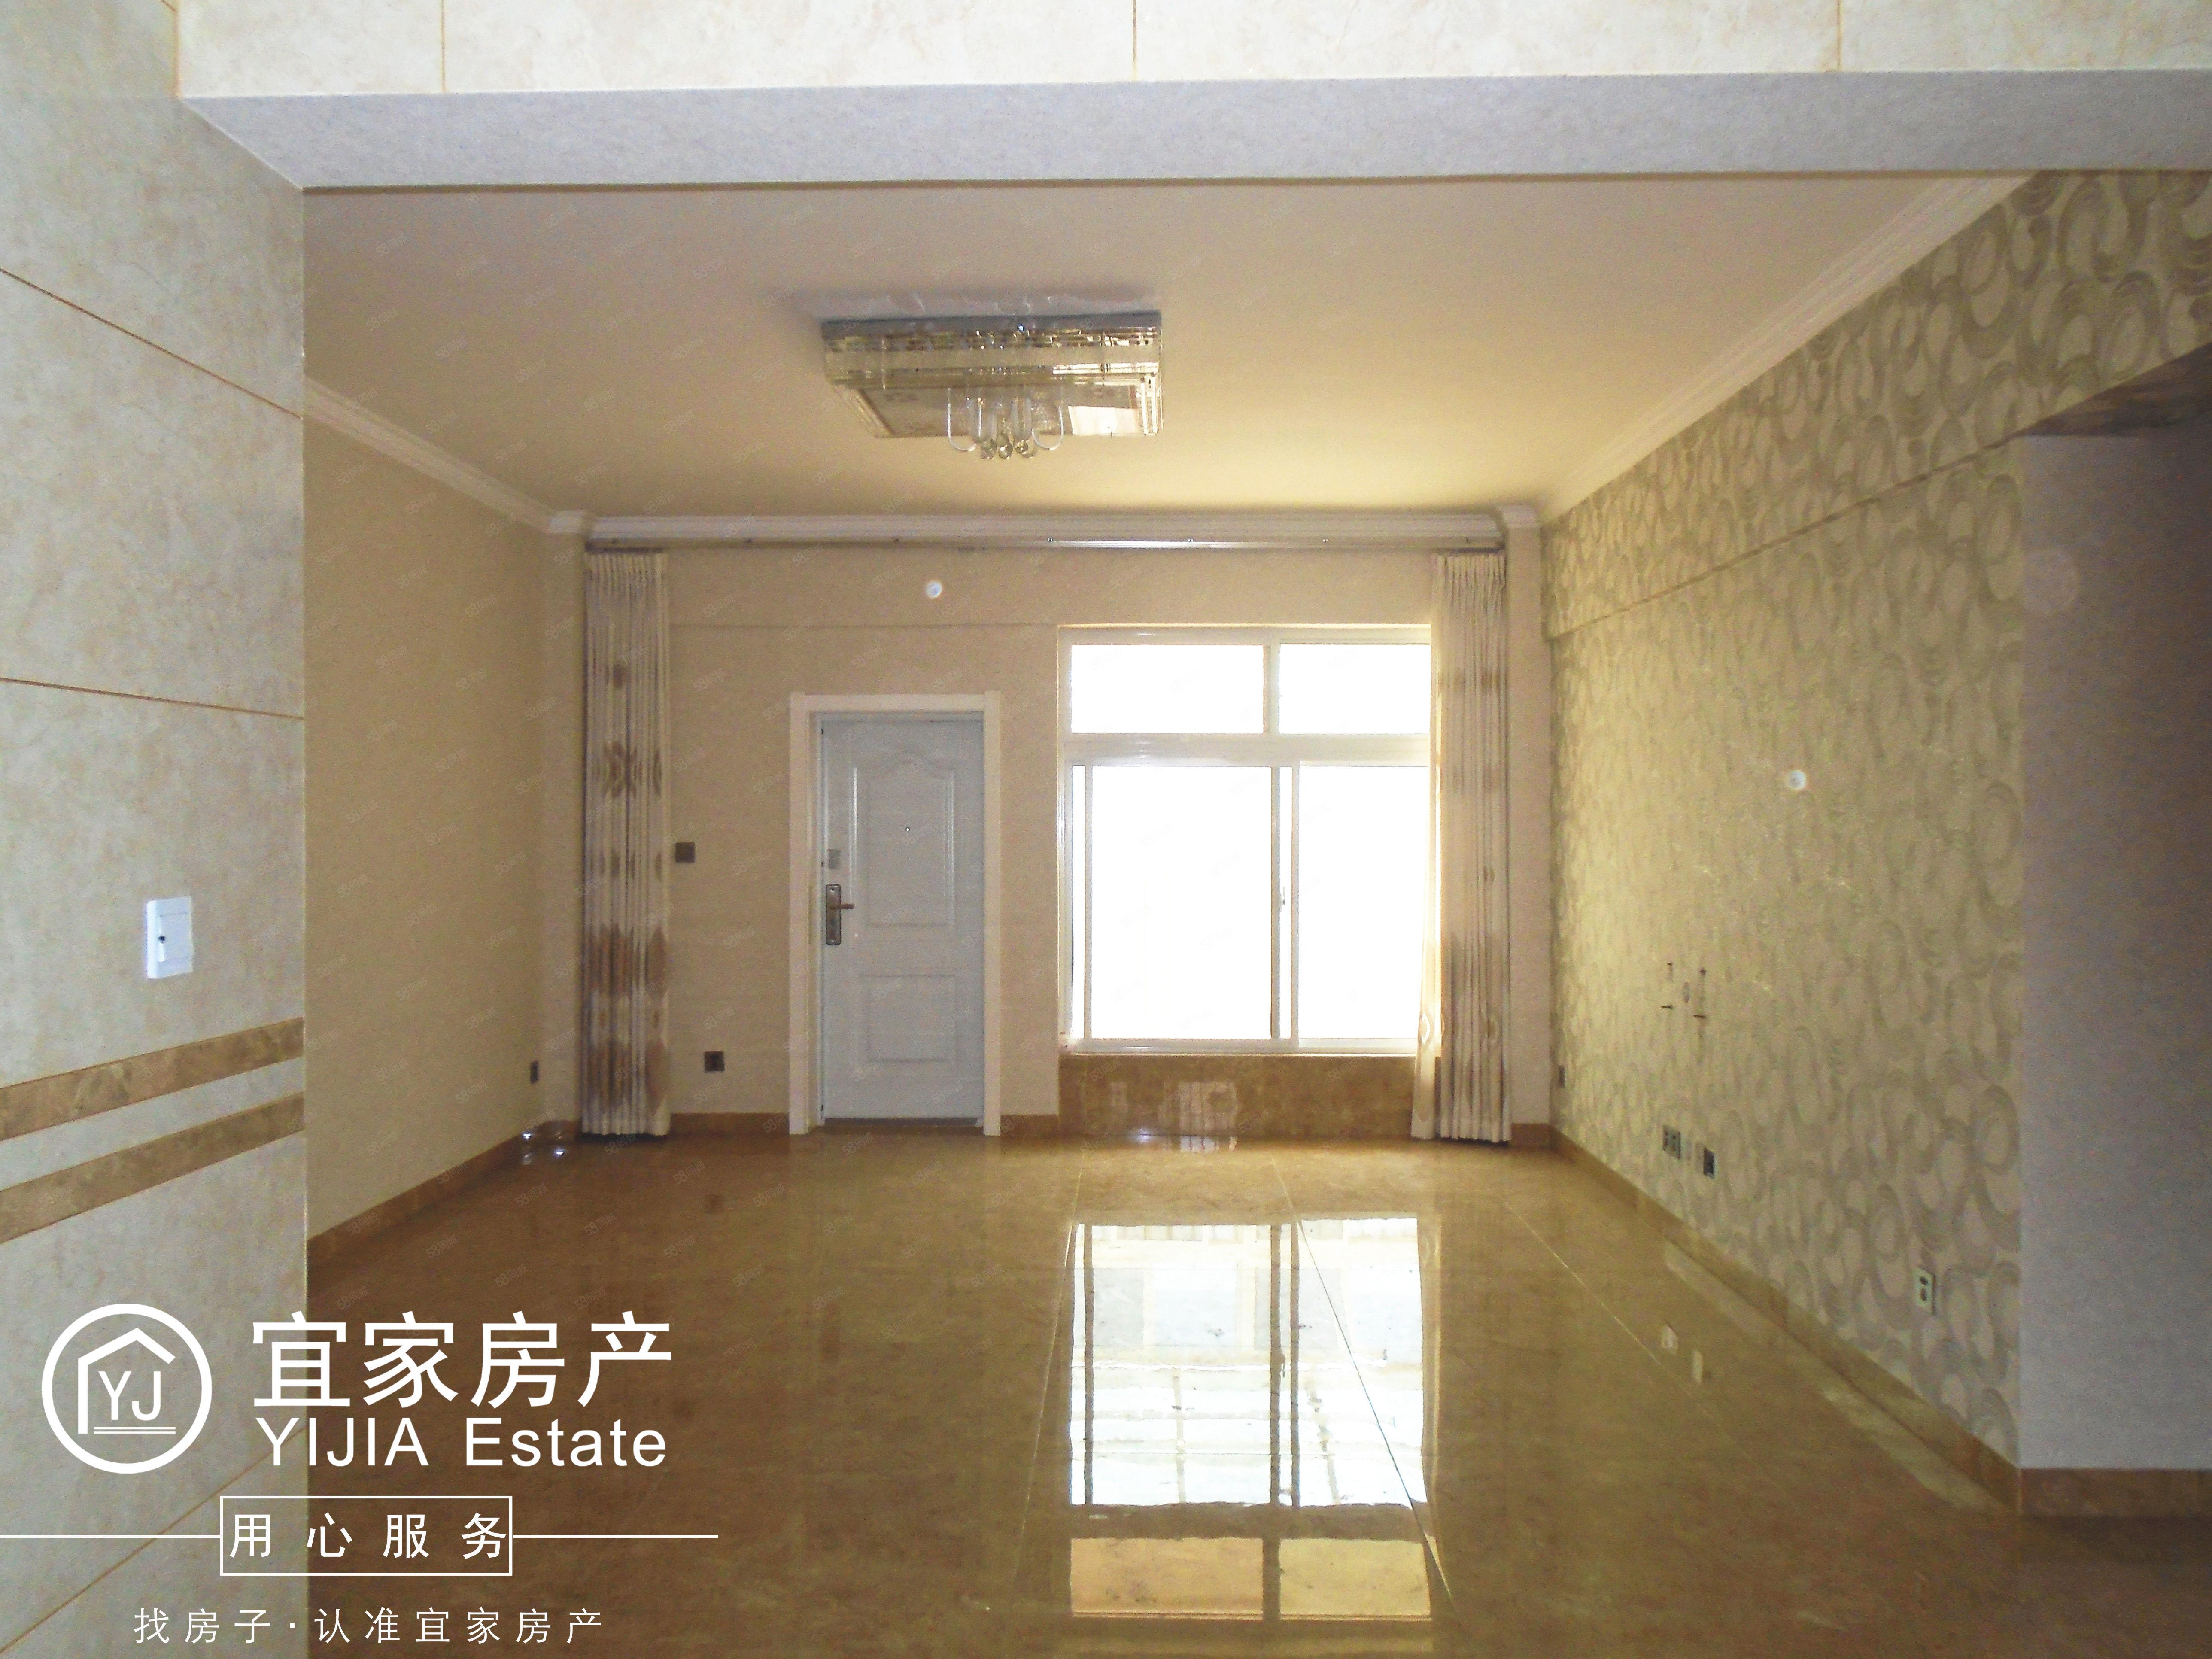 紫艺苑,163平米,4室2厅2卫,带花园,带双车位,空房澳门金沙平台